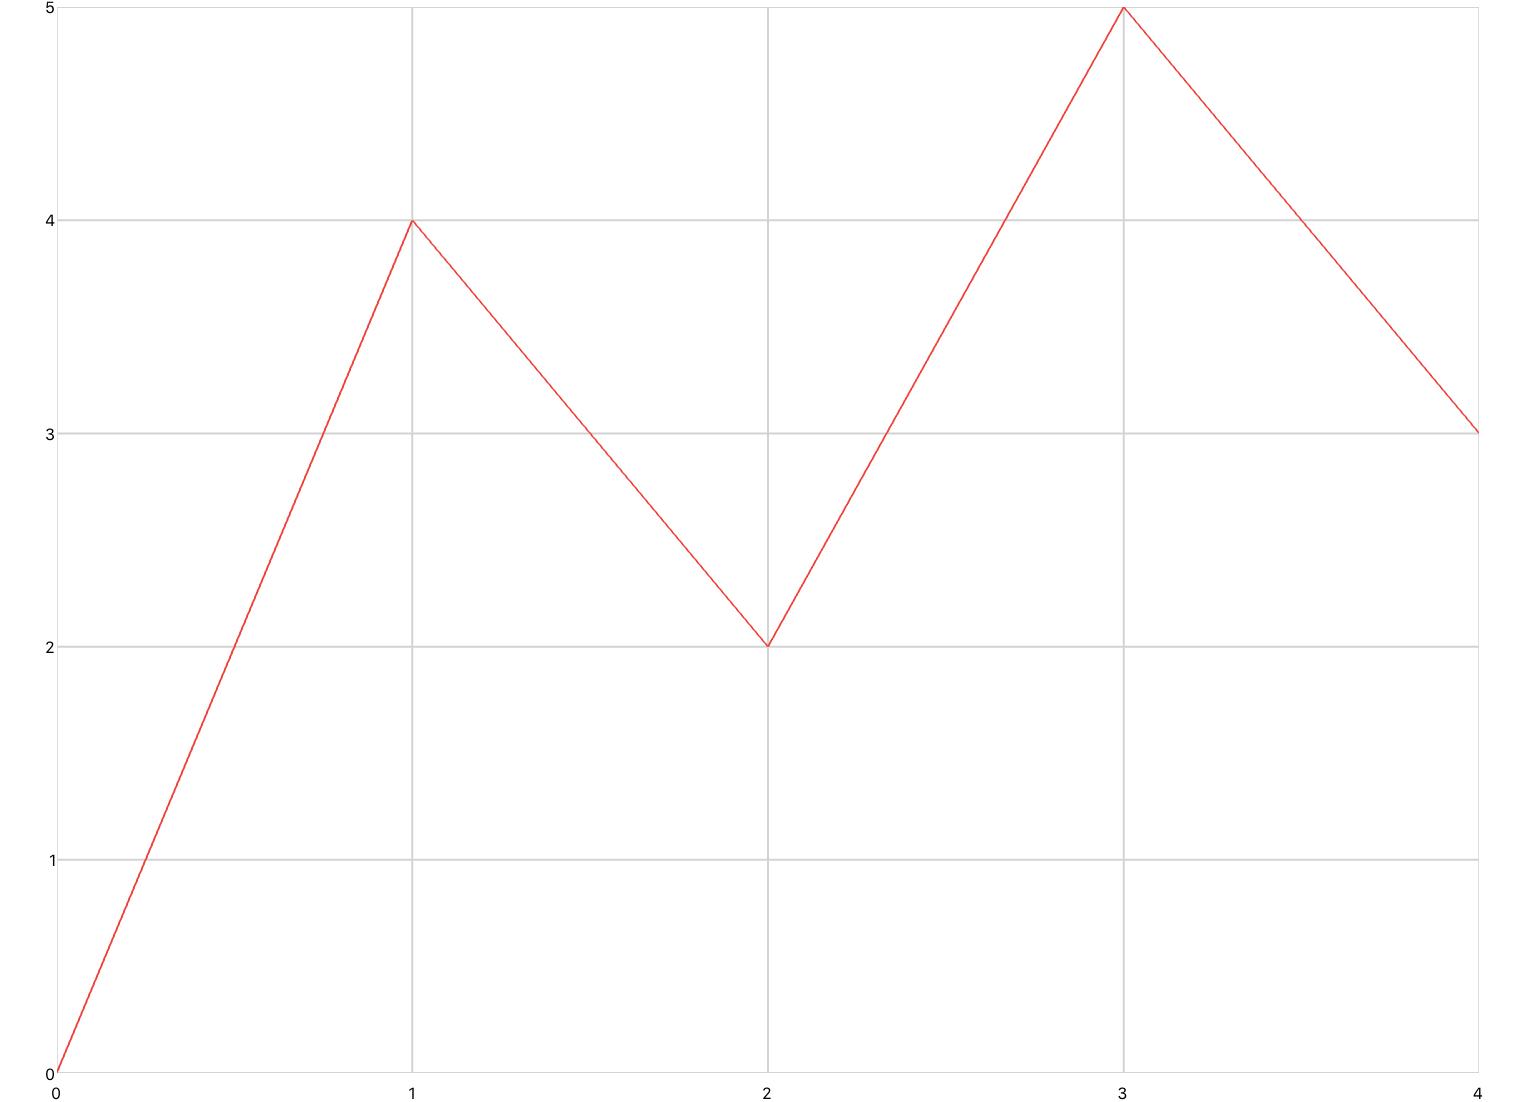 no-gesture-plot.jpg